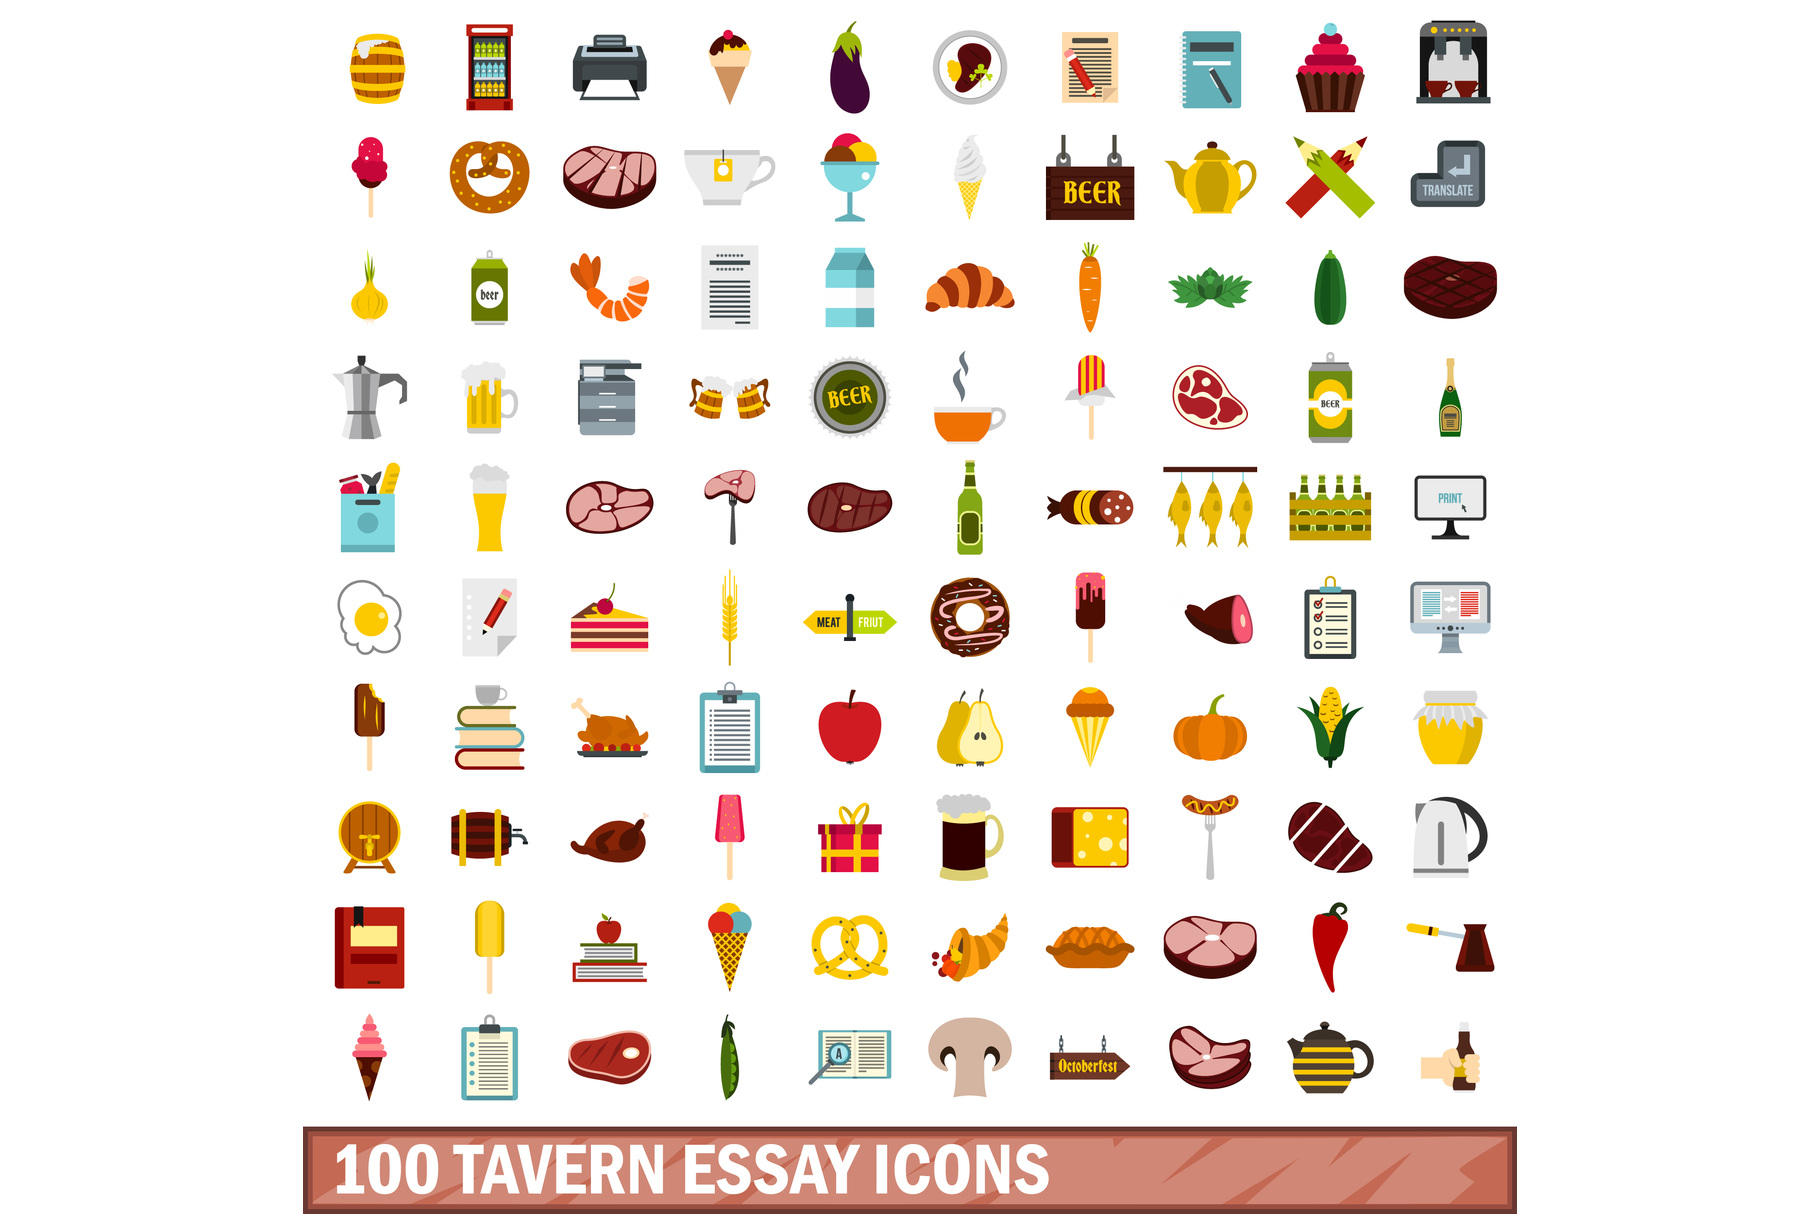 100 tavern essay icons set, flat style example image 1